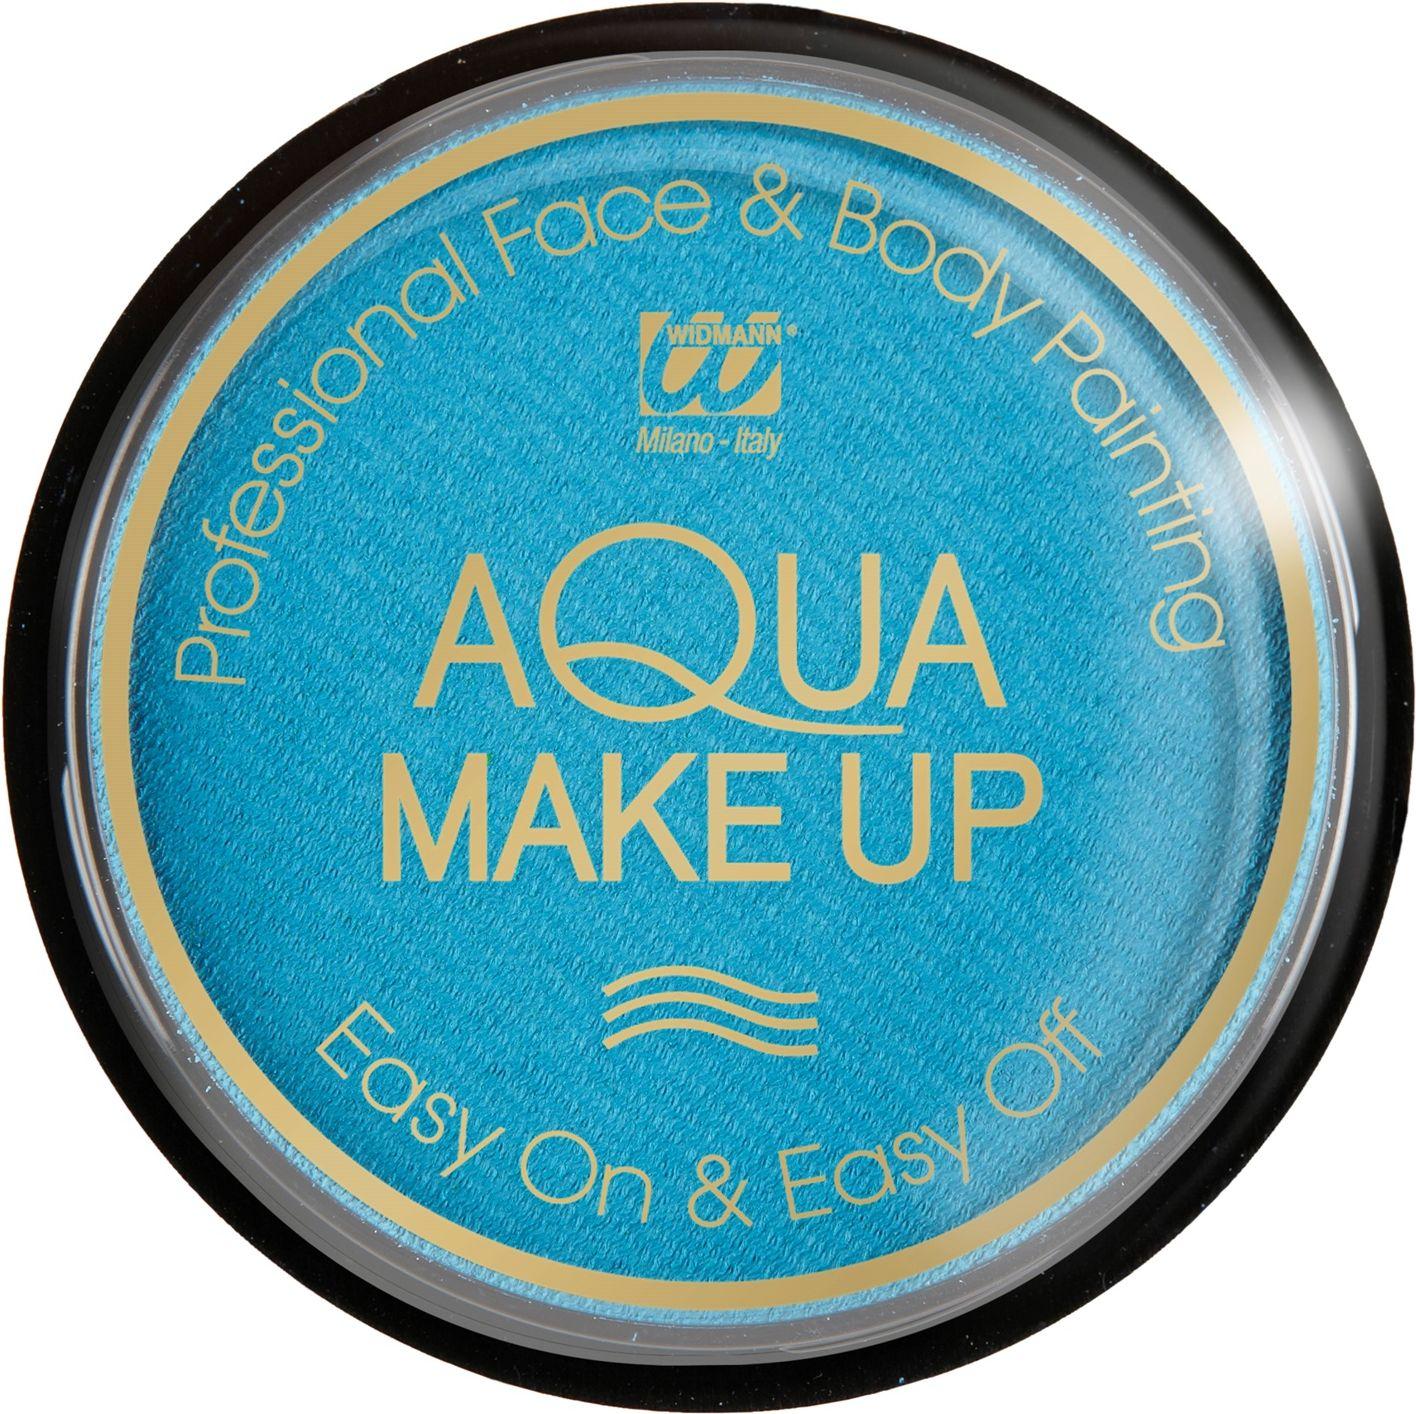 Hemelsblauwe waterbasis make-up